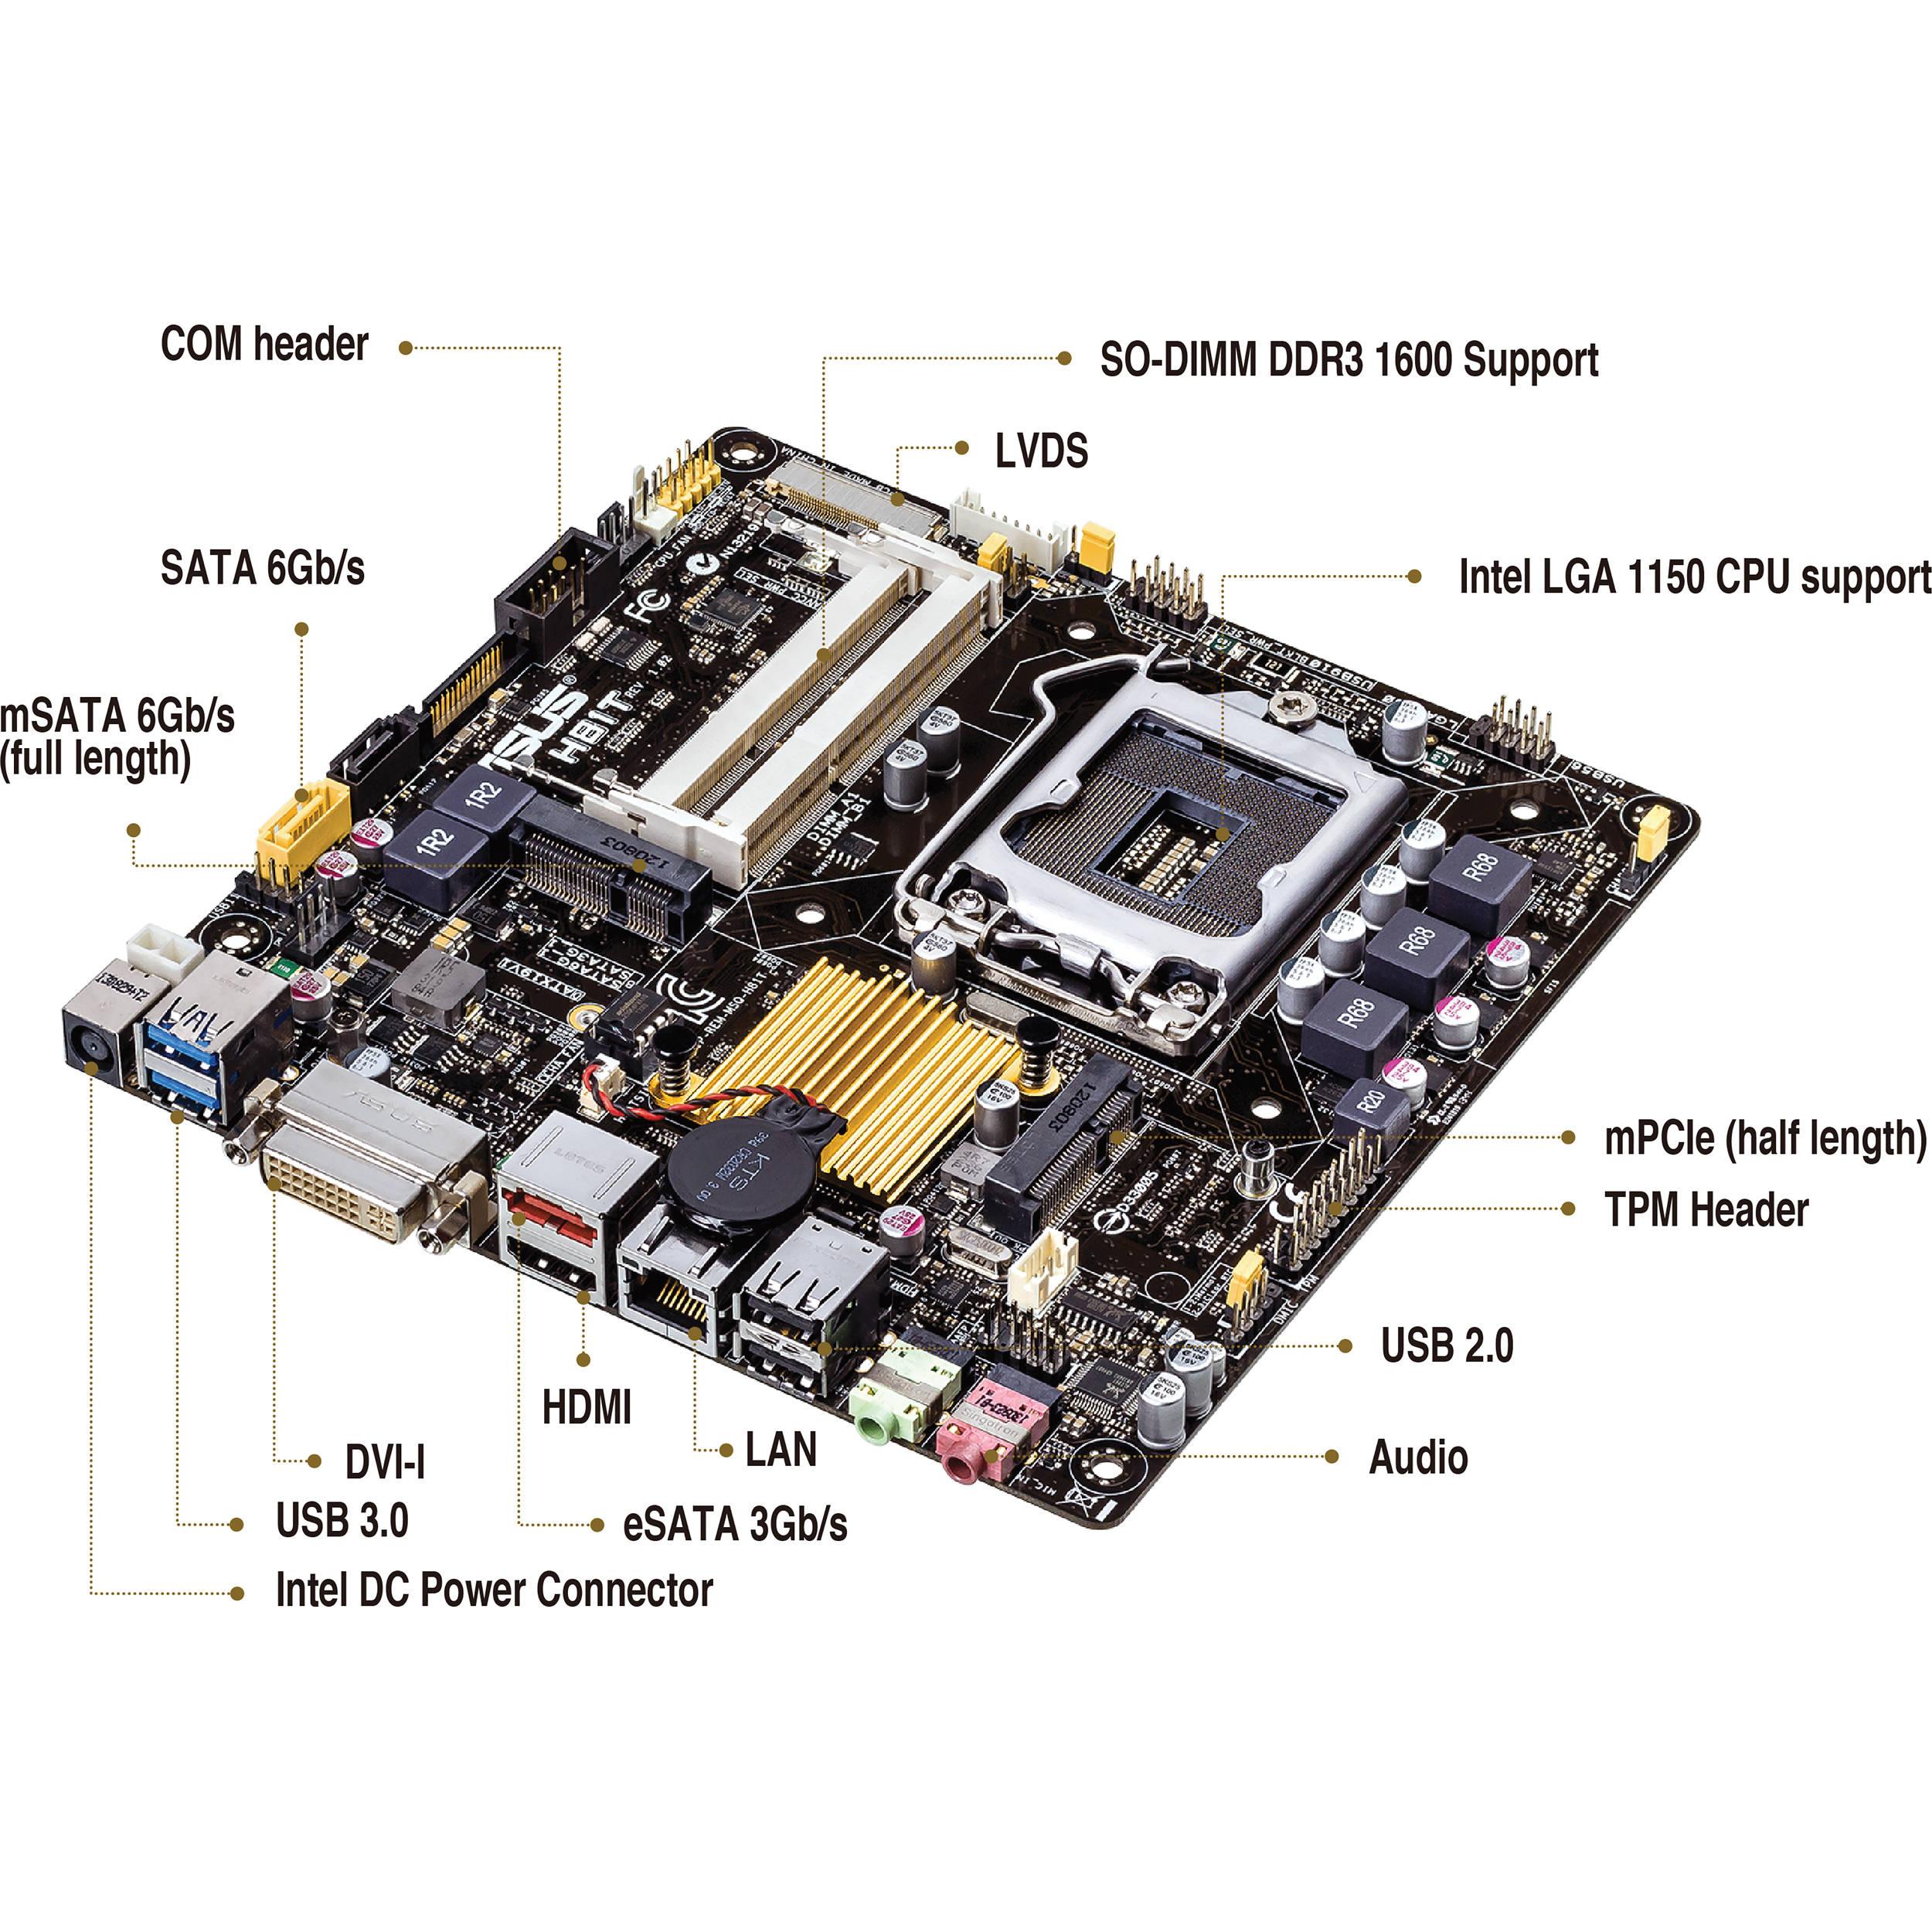 ASUS H81T/CSM Thin Mini-ITX Motherboard